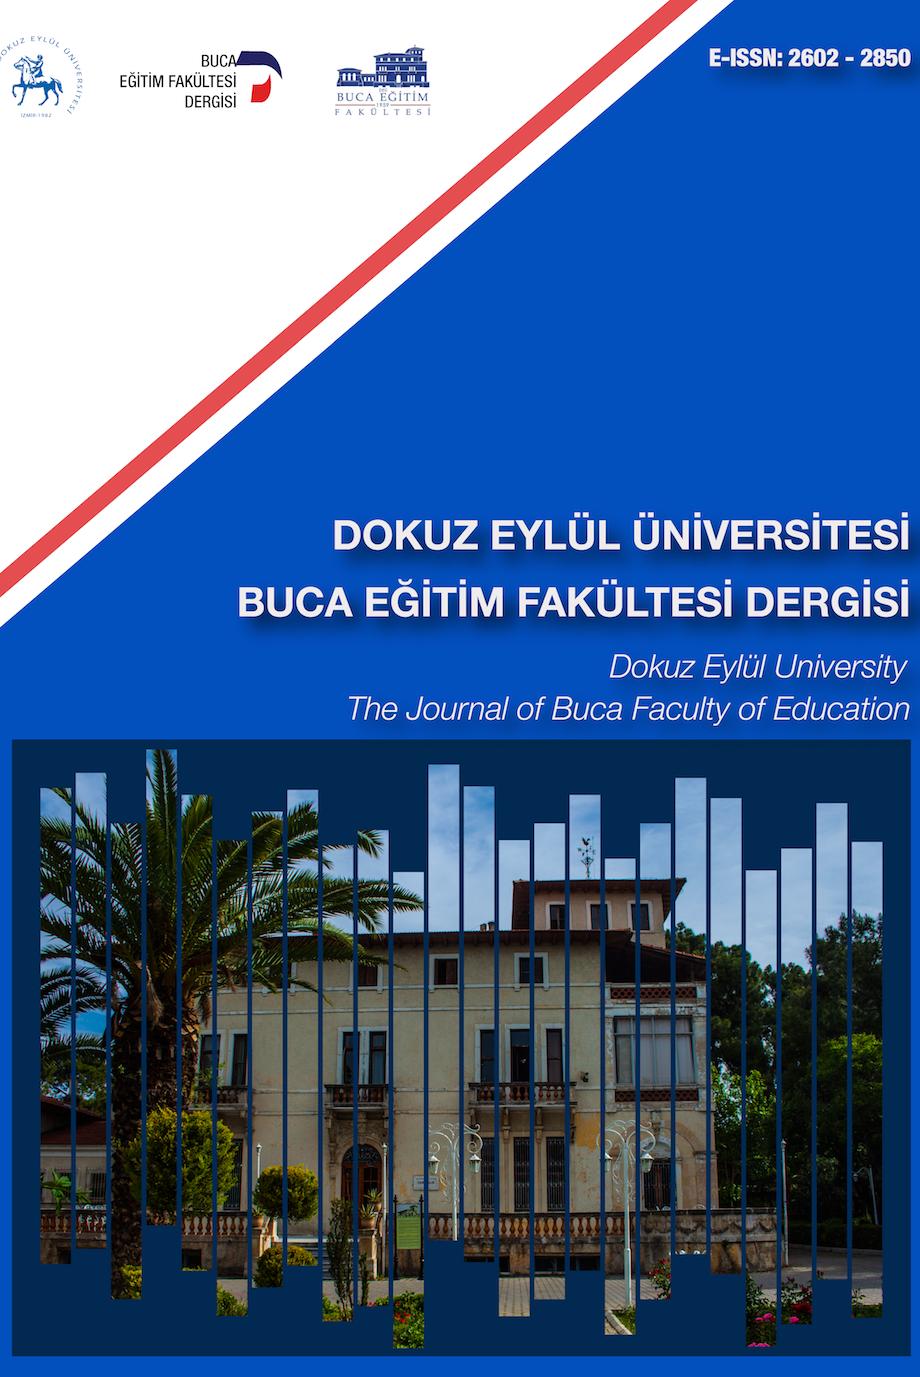 Dokuz Eylül Üniversitesi Buca Eğitim Fakültesi Dergisi